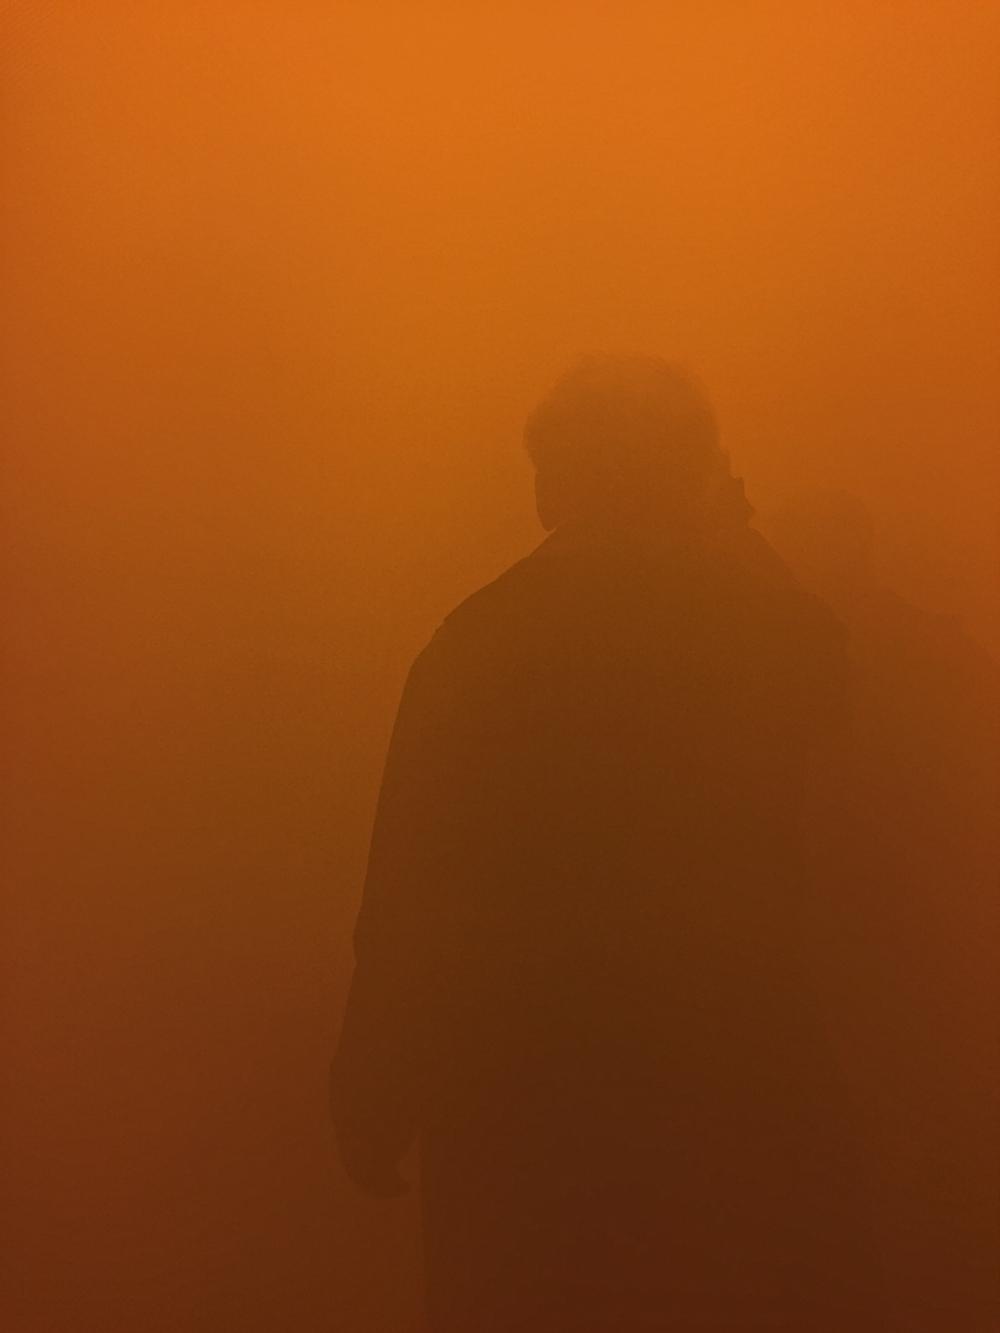 couloir de brume d'Olafur Eliasson,Londres 2019